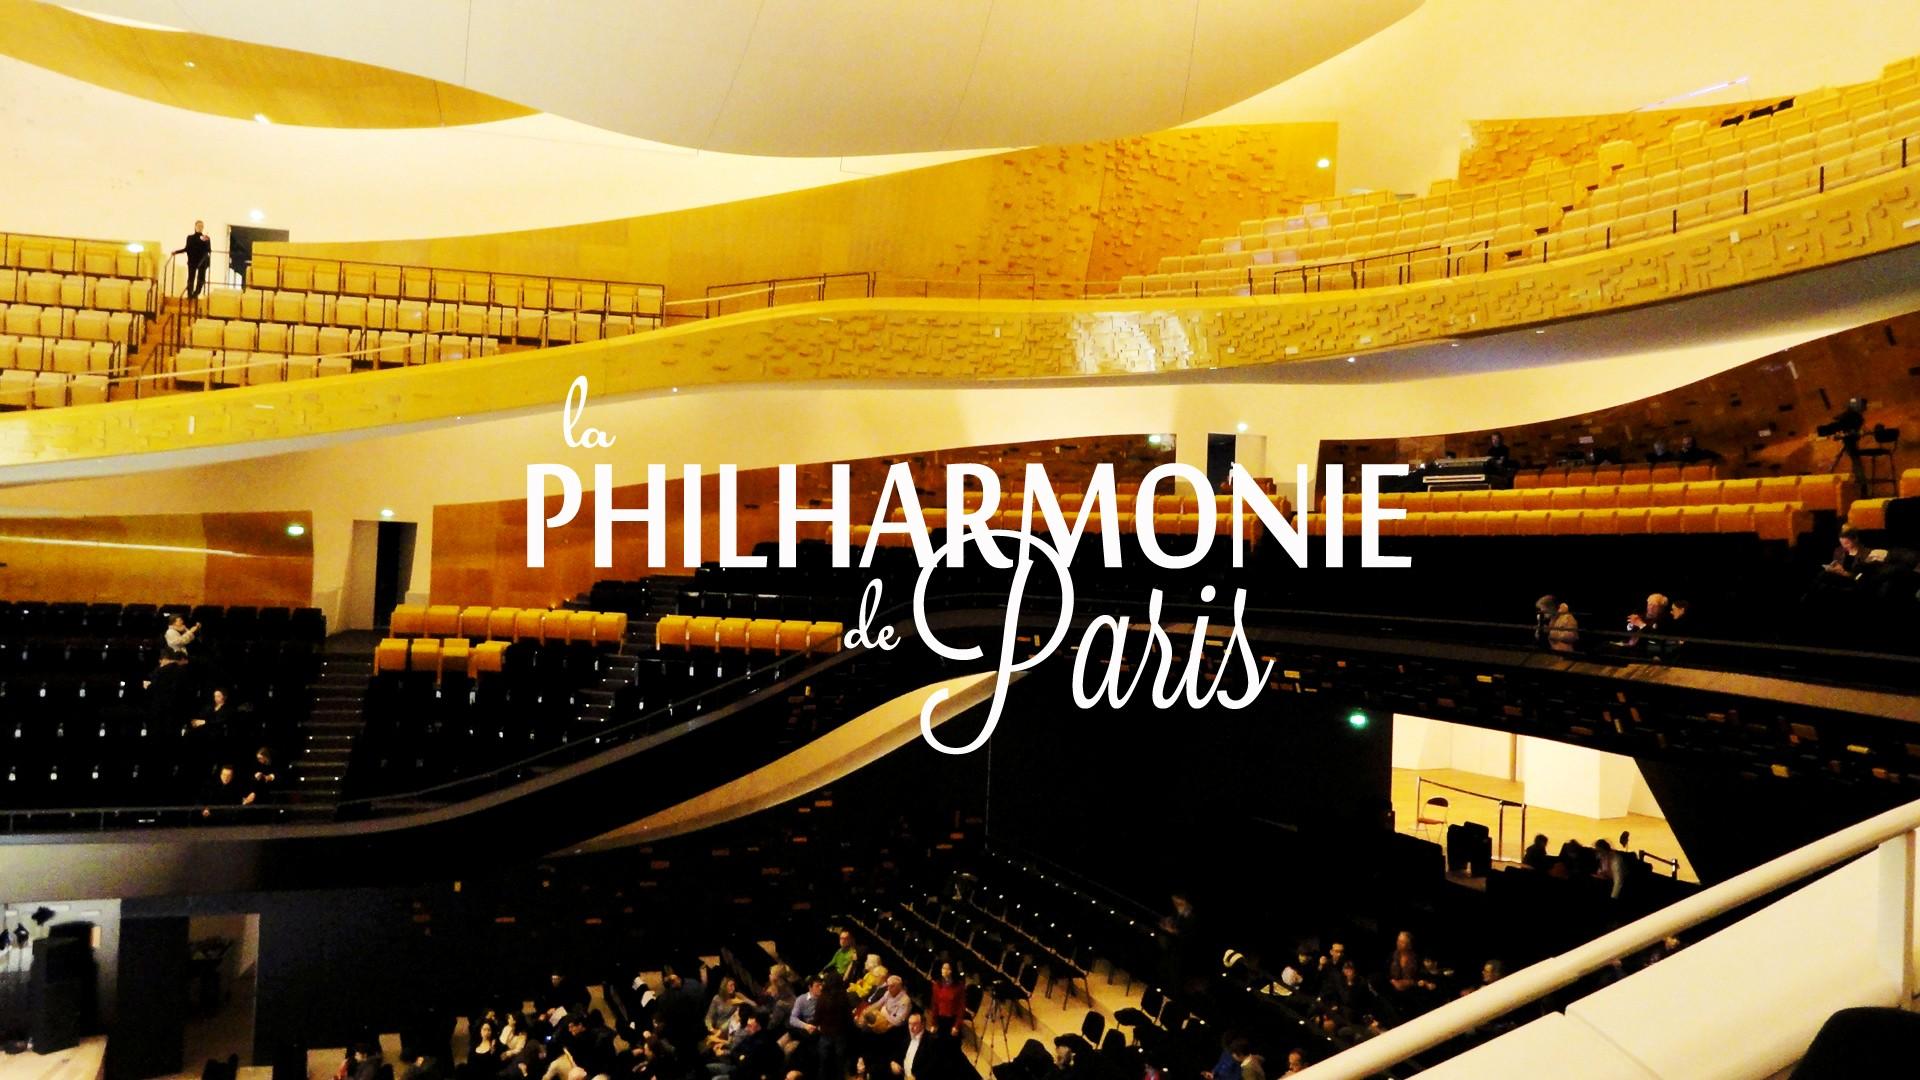 philharmonie_paris (2)